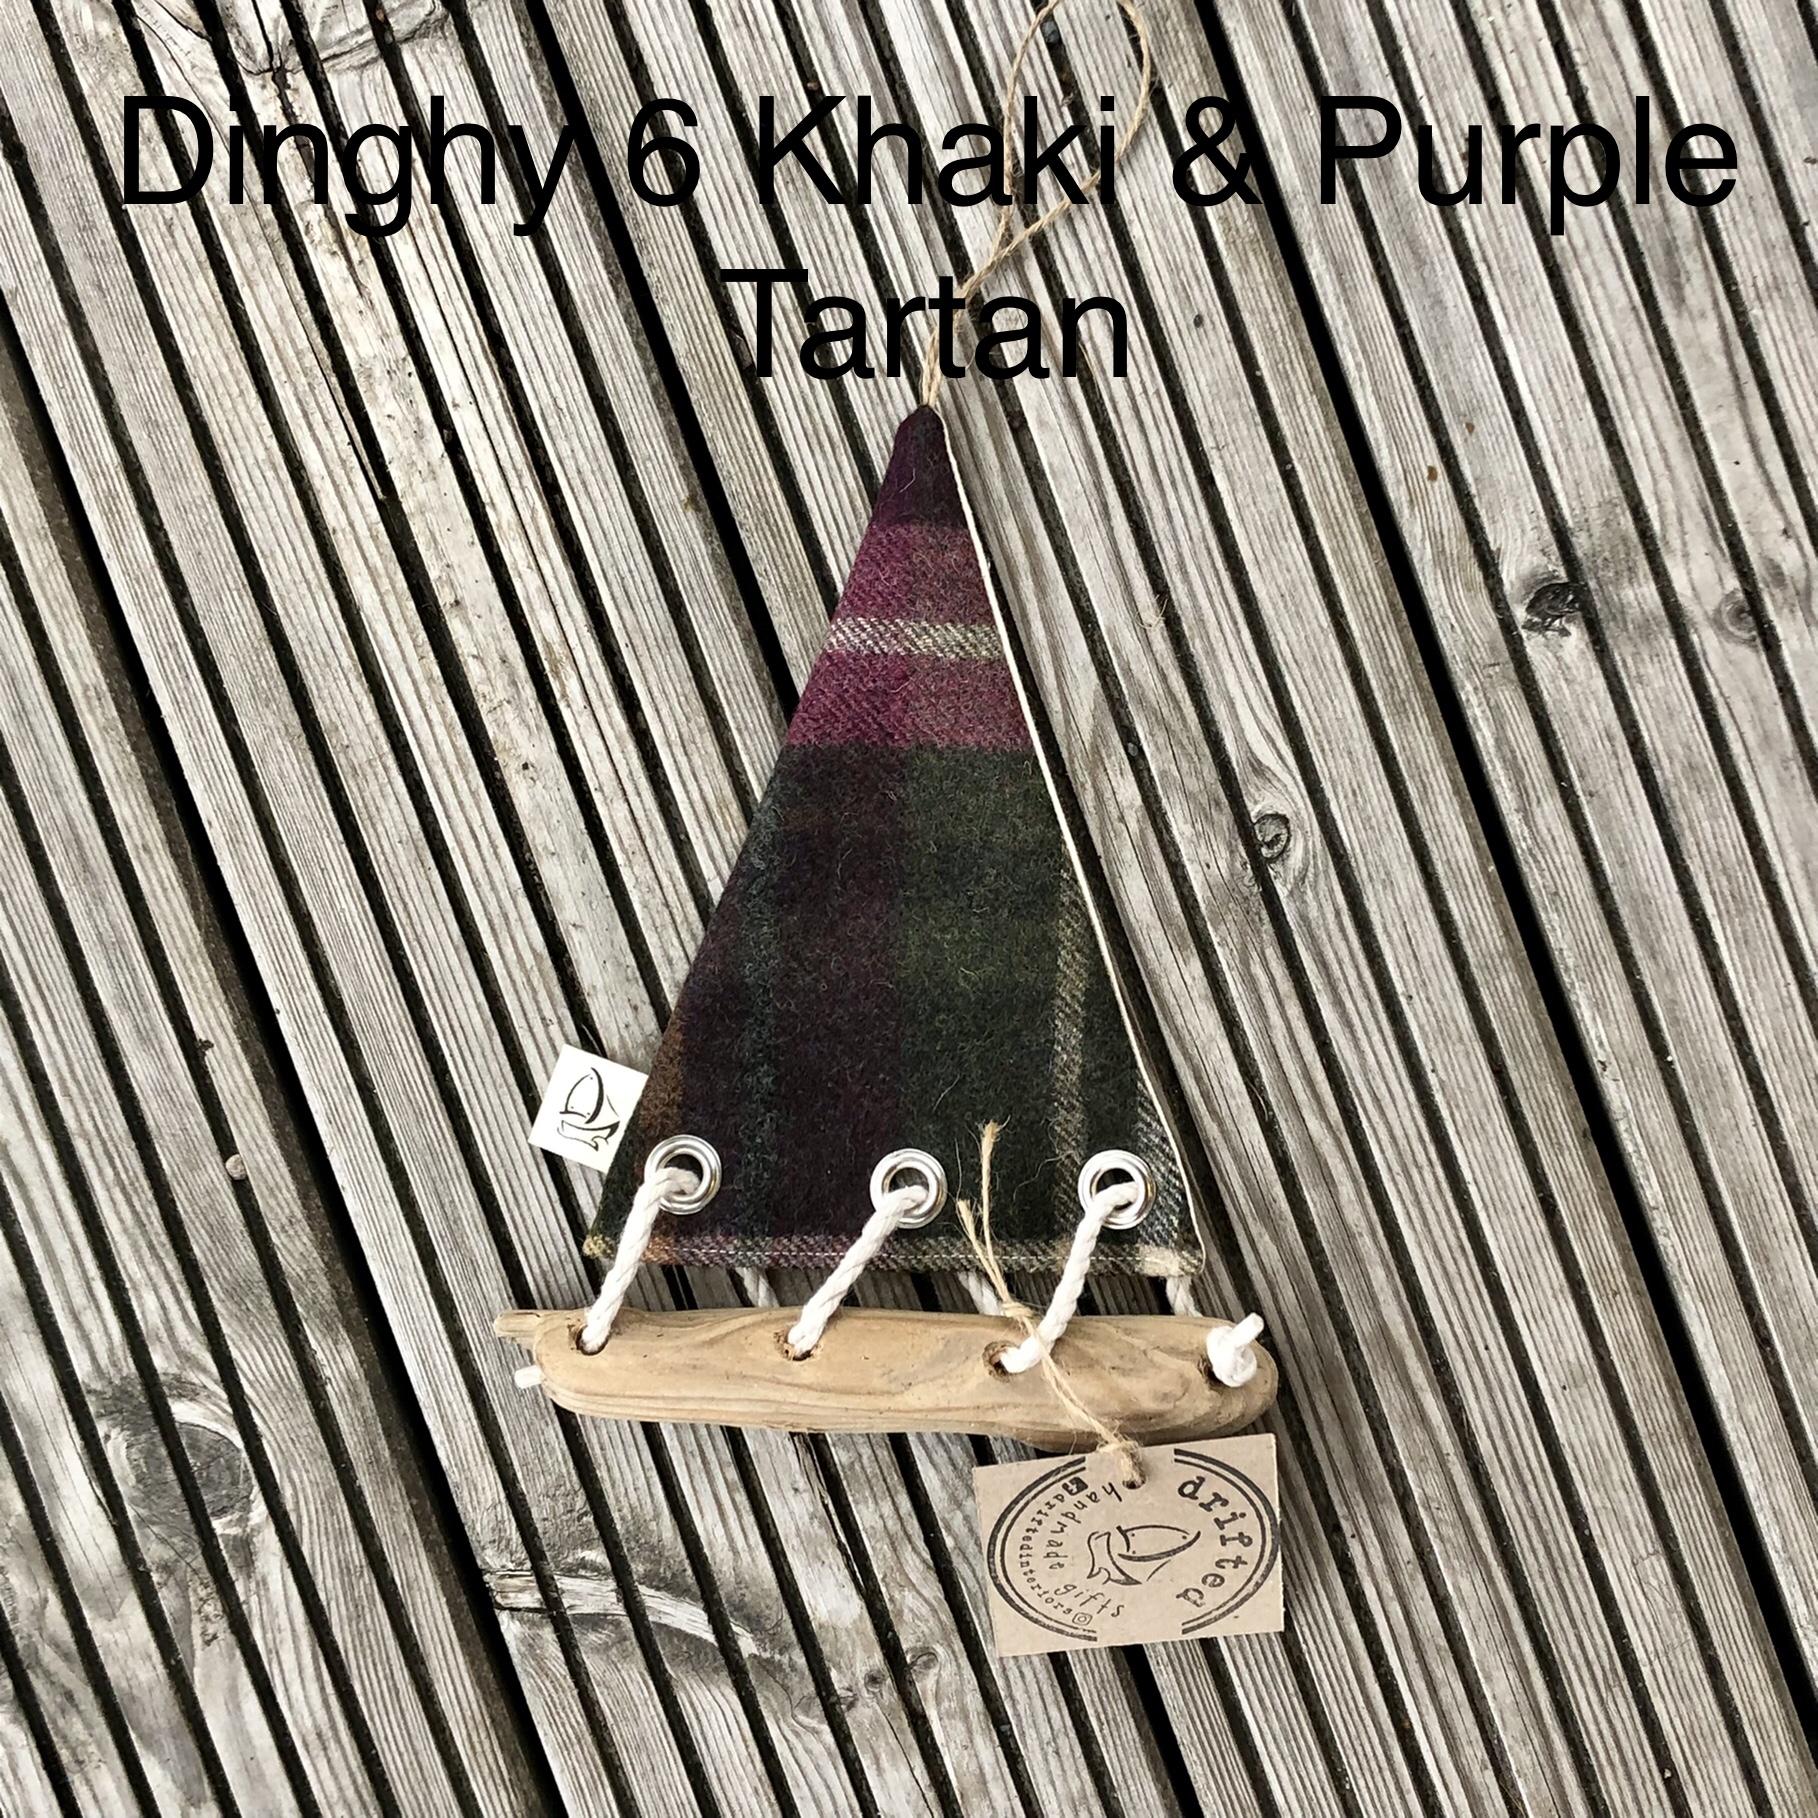 Handmade Driftwood Dinghy 6